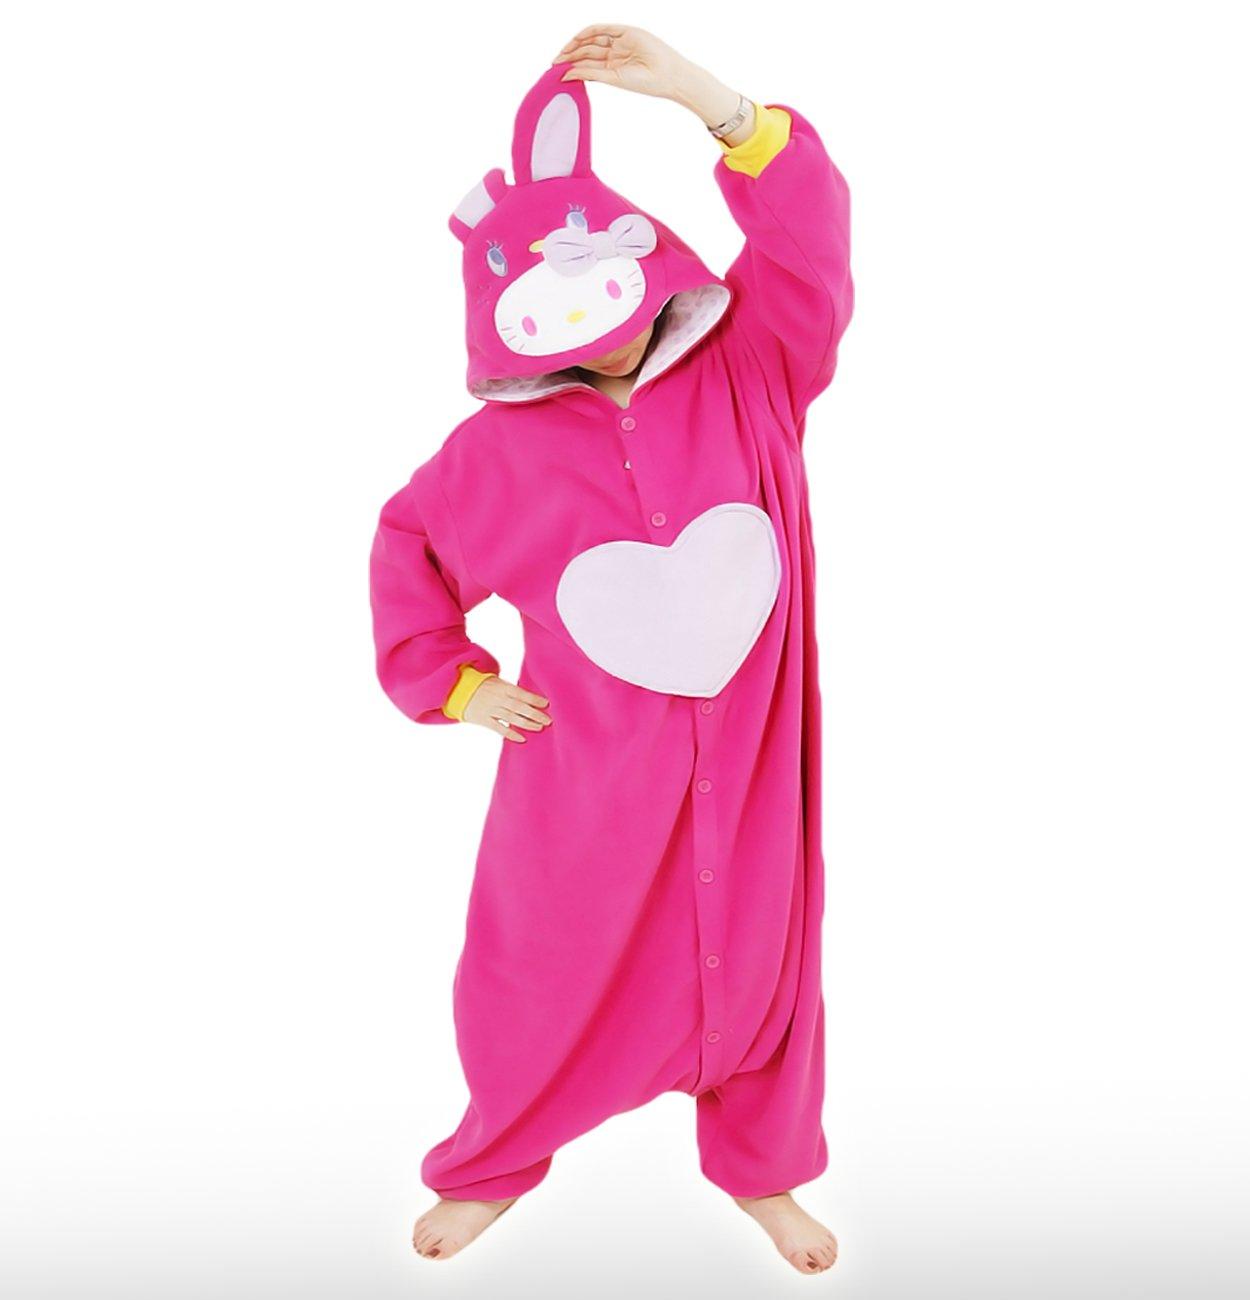 Hello Kitty Costume (Kigurumi) - Dark Pink